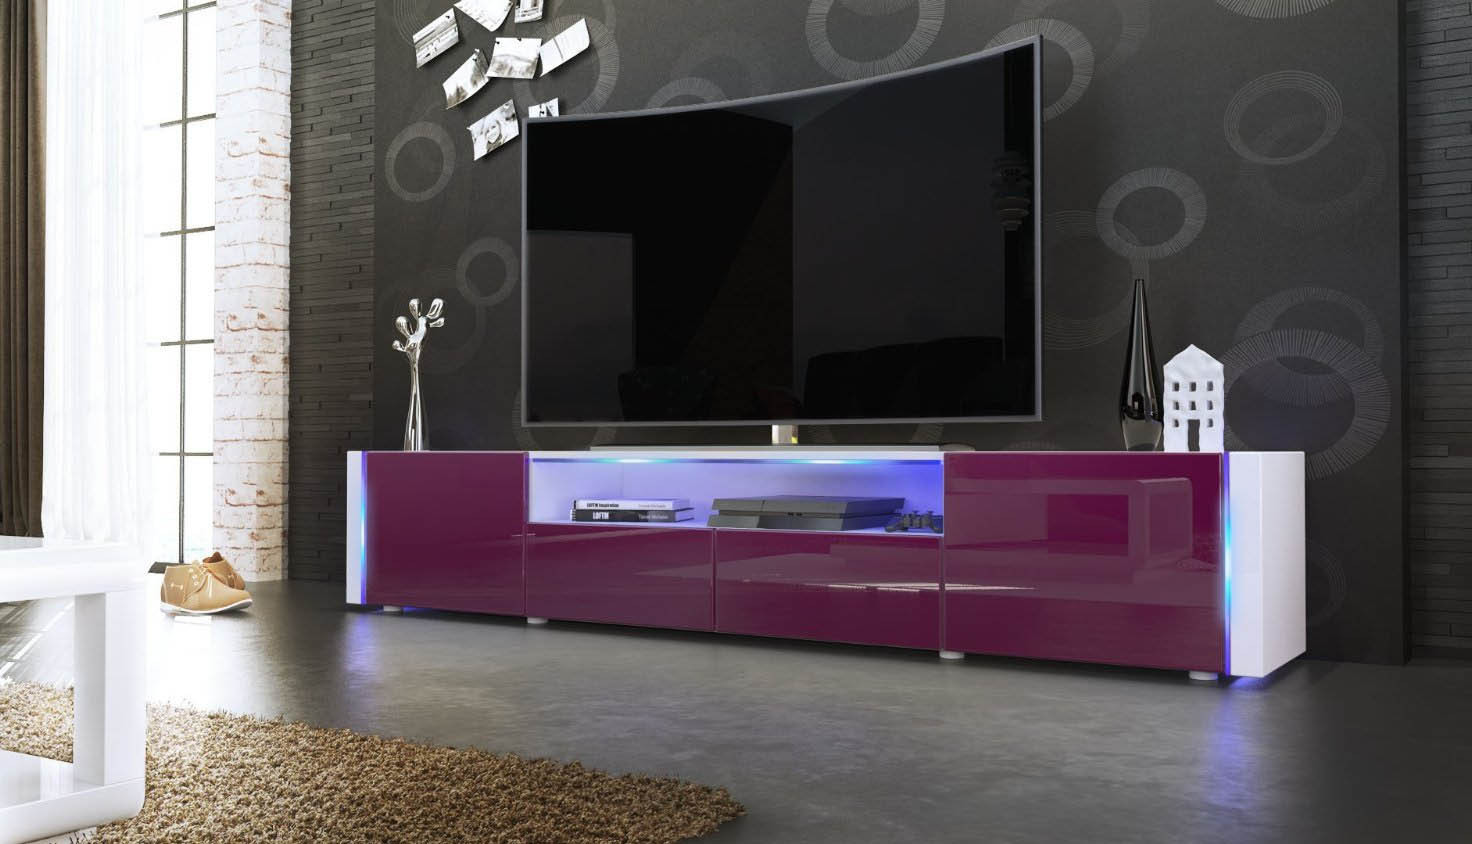 Casanova porta tv moderno mobile soggiorno bianco con led for Mobile soggiorno bianco